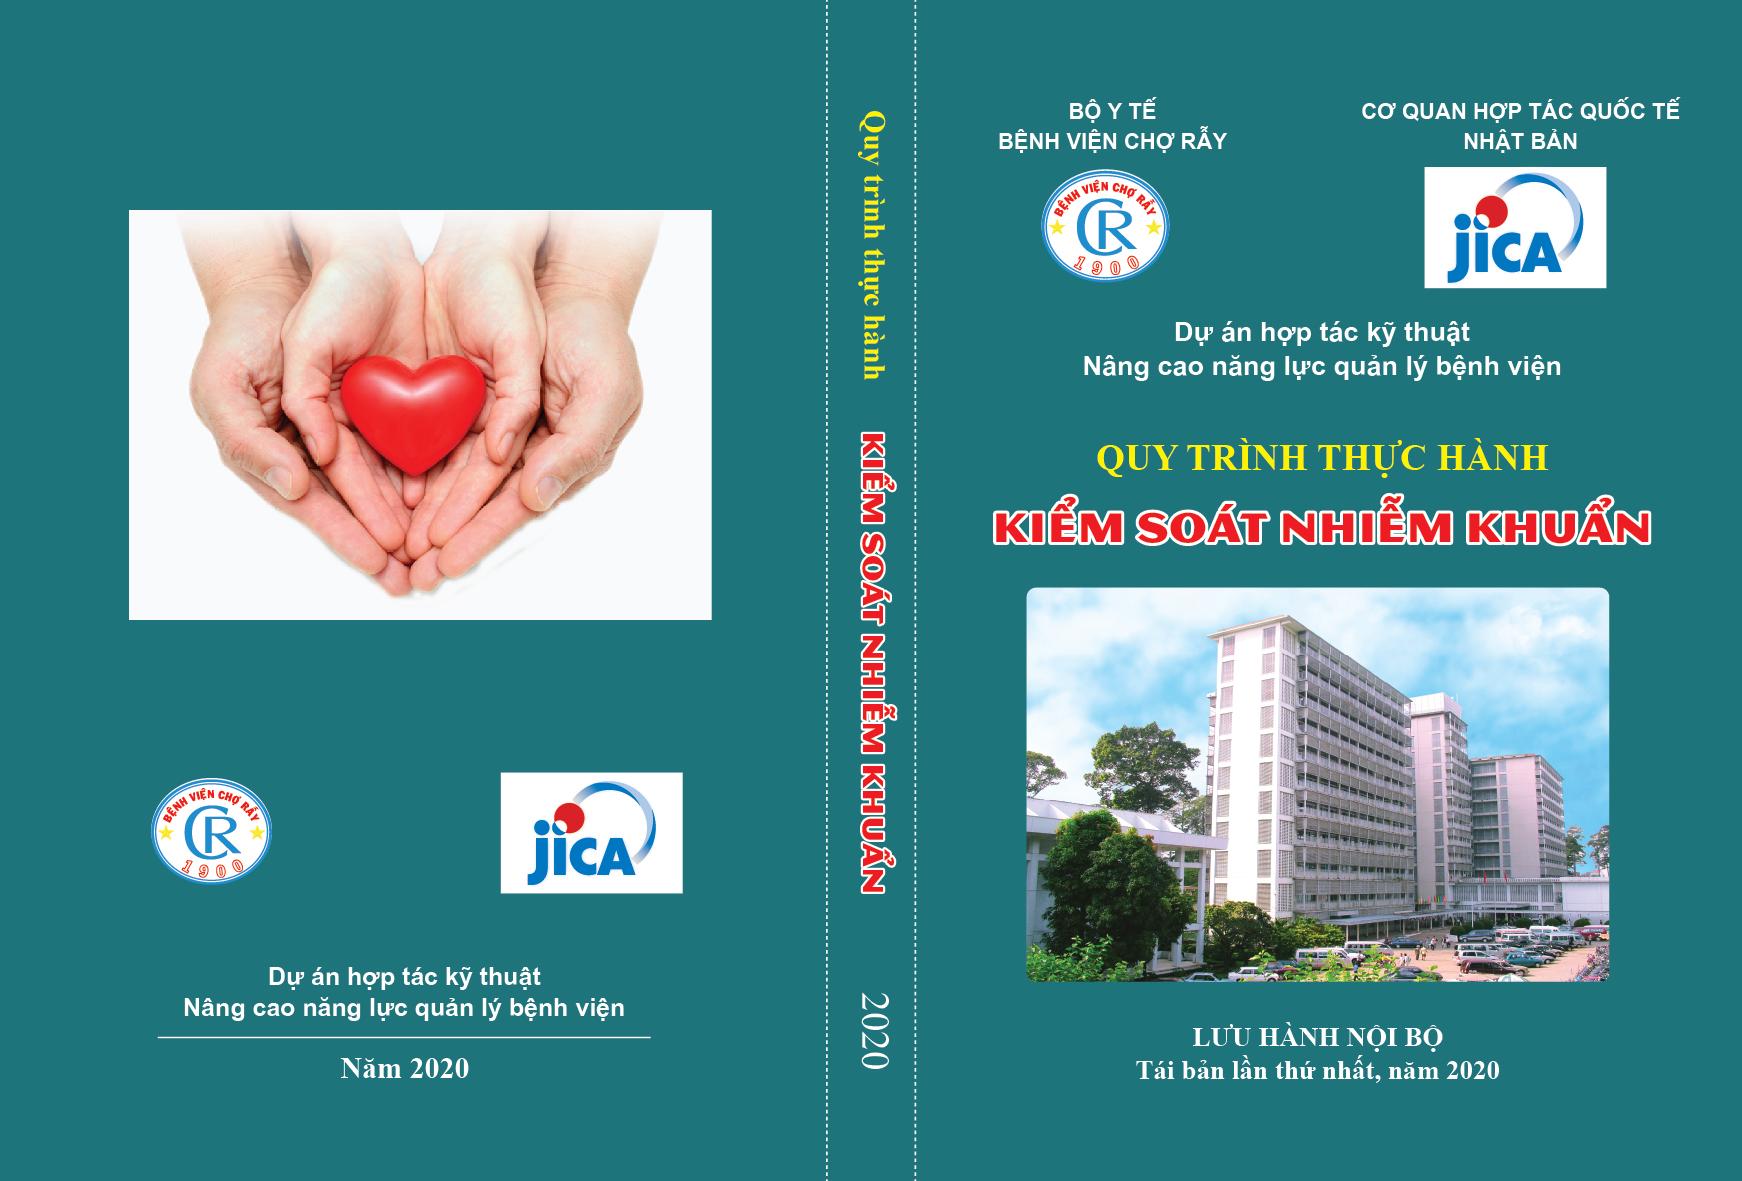 JICA hỗ trợ ứng phó với dịch COVID-19 tại Việt Nam